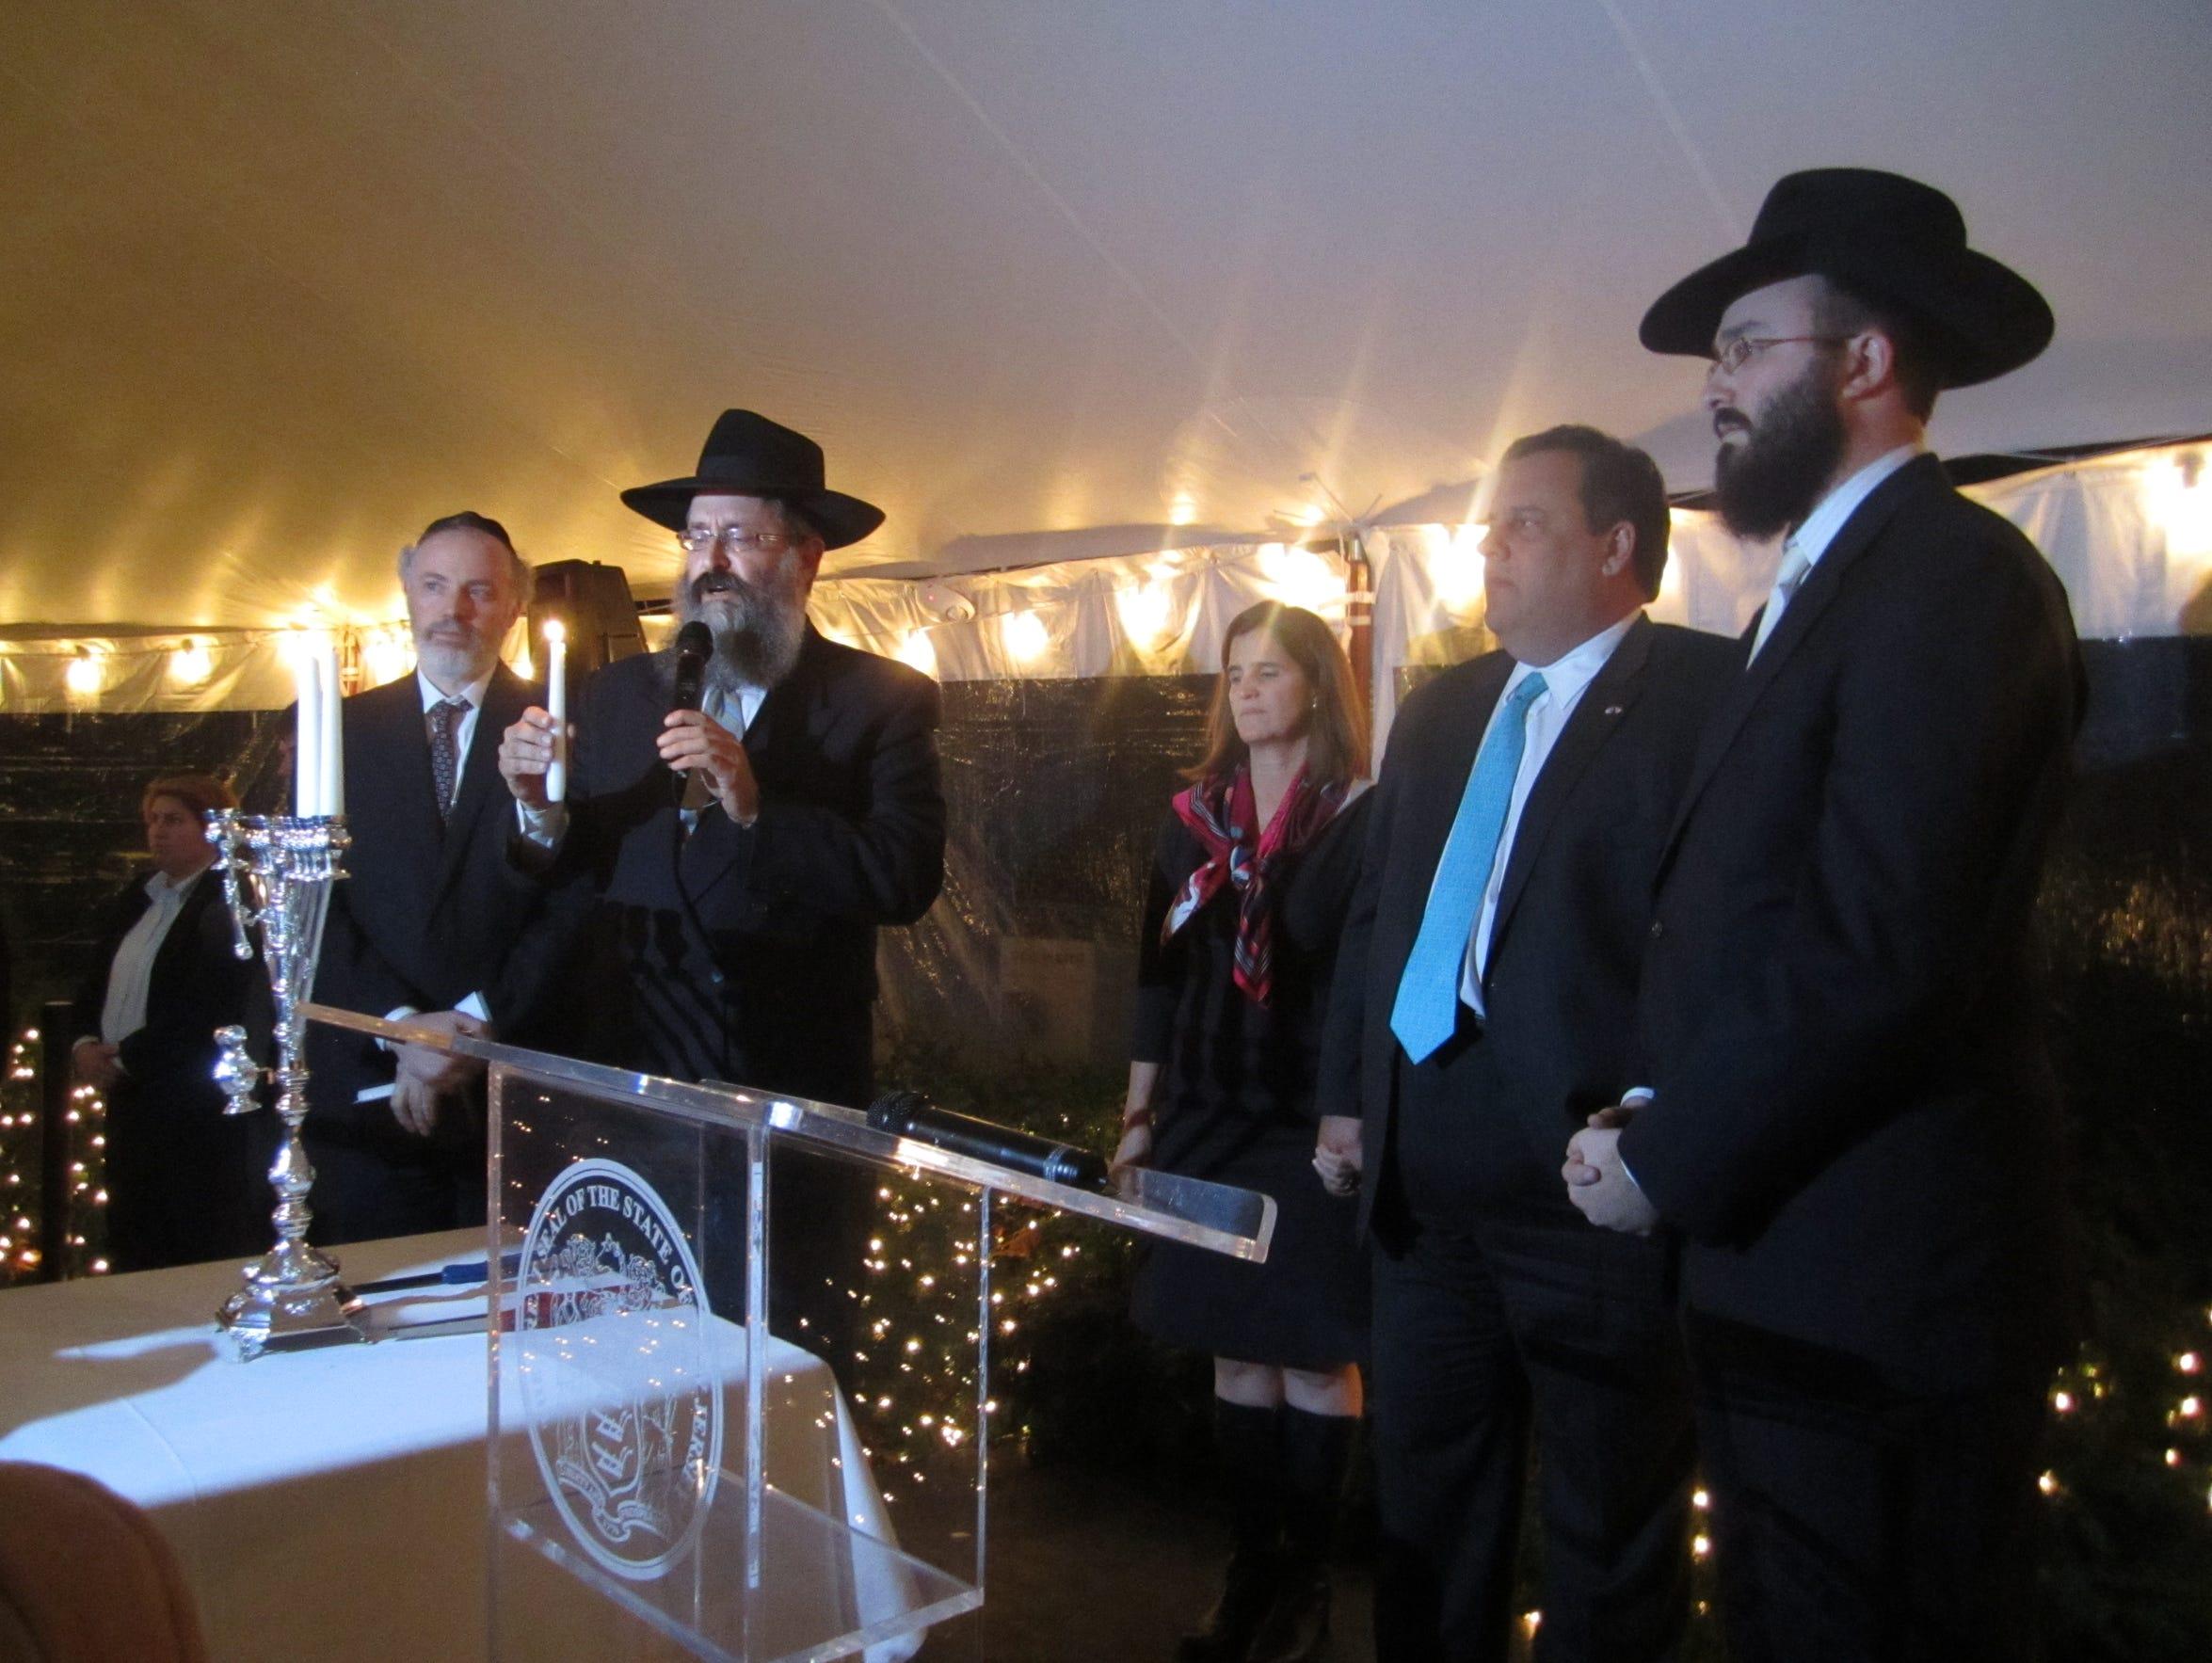 Governor Chris Christie hosted a Chanukah Reception